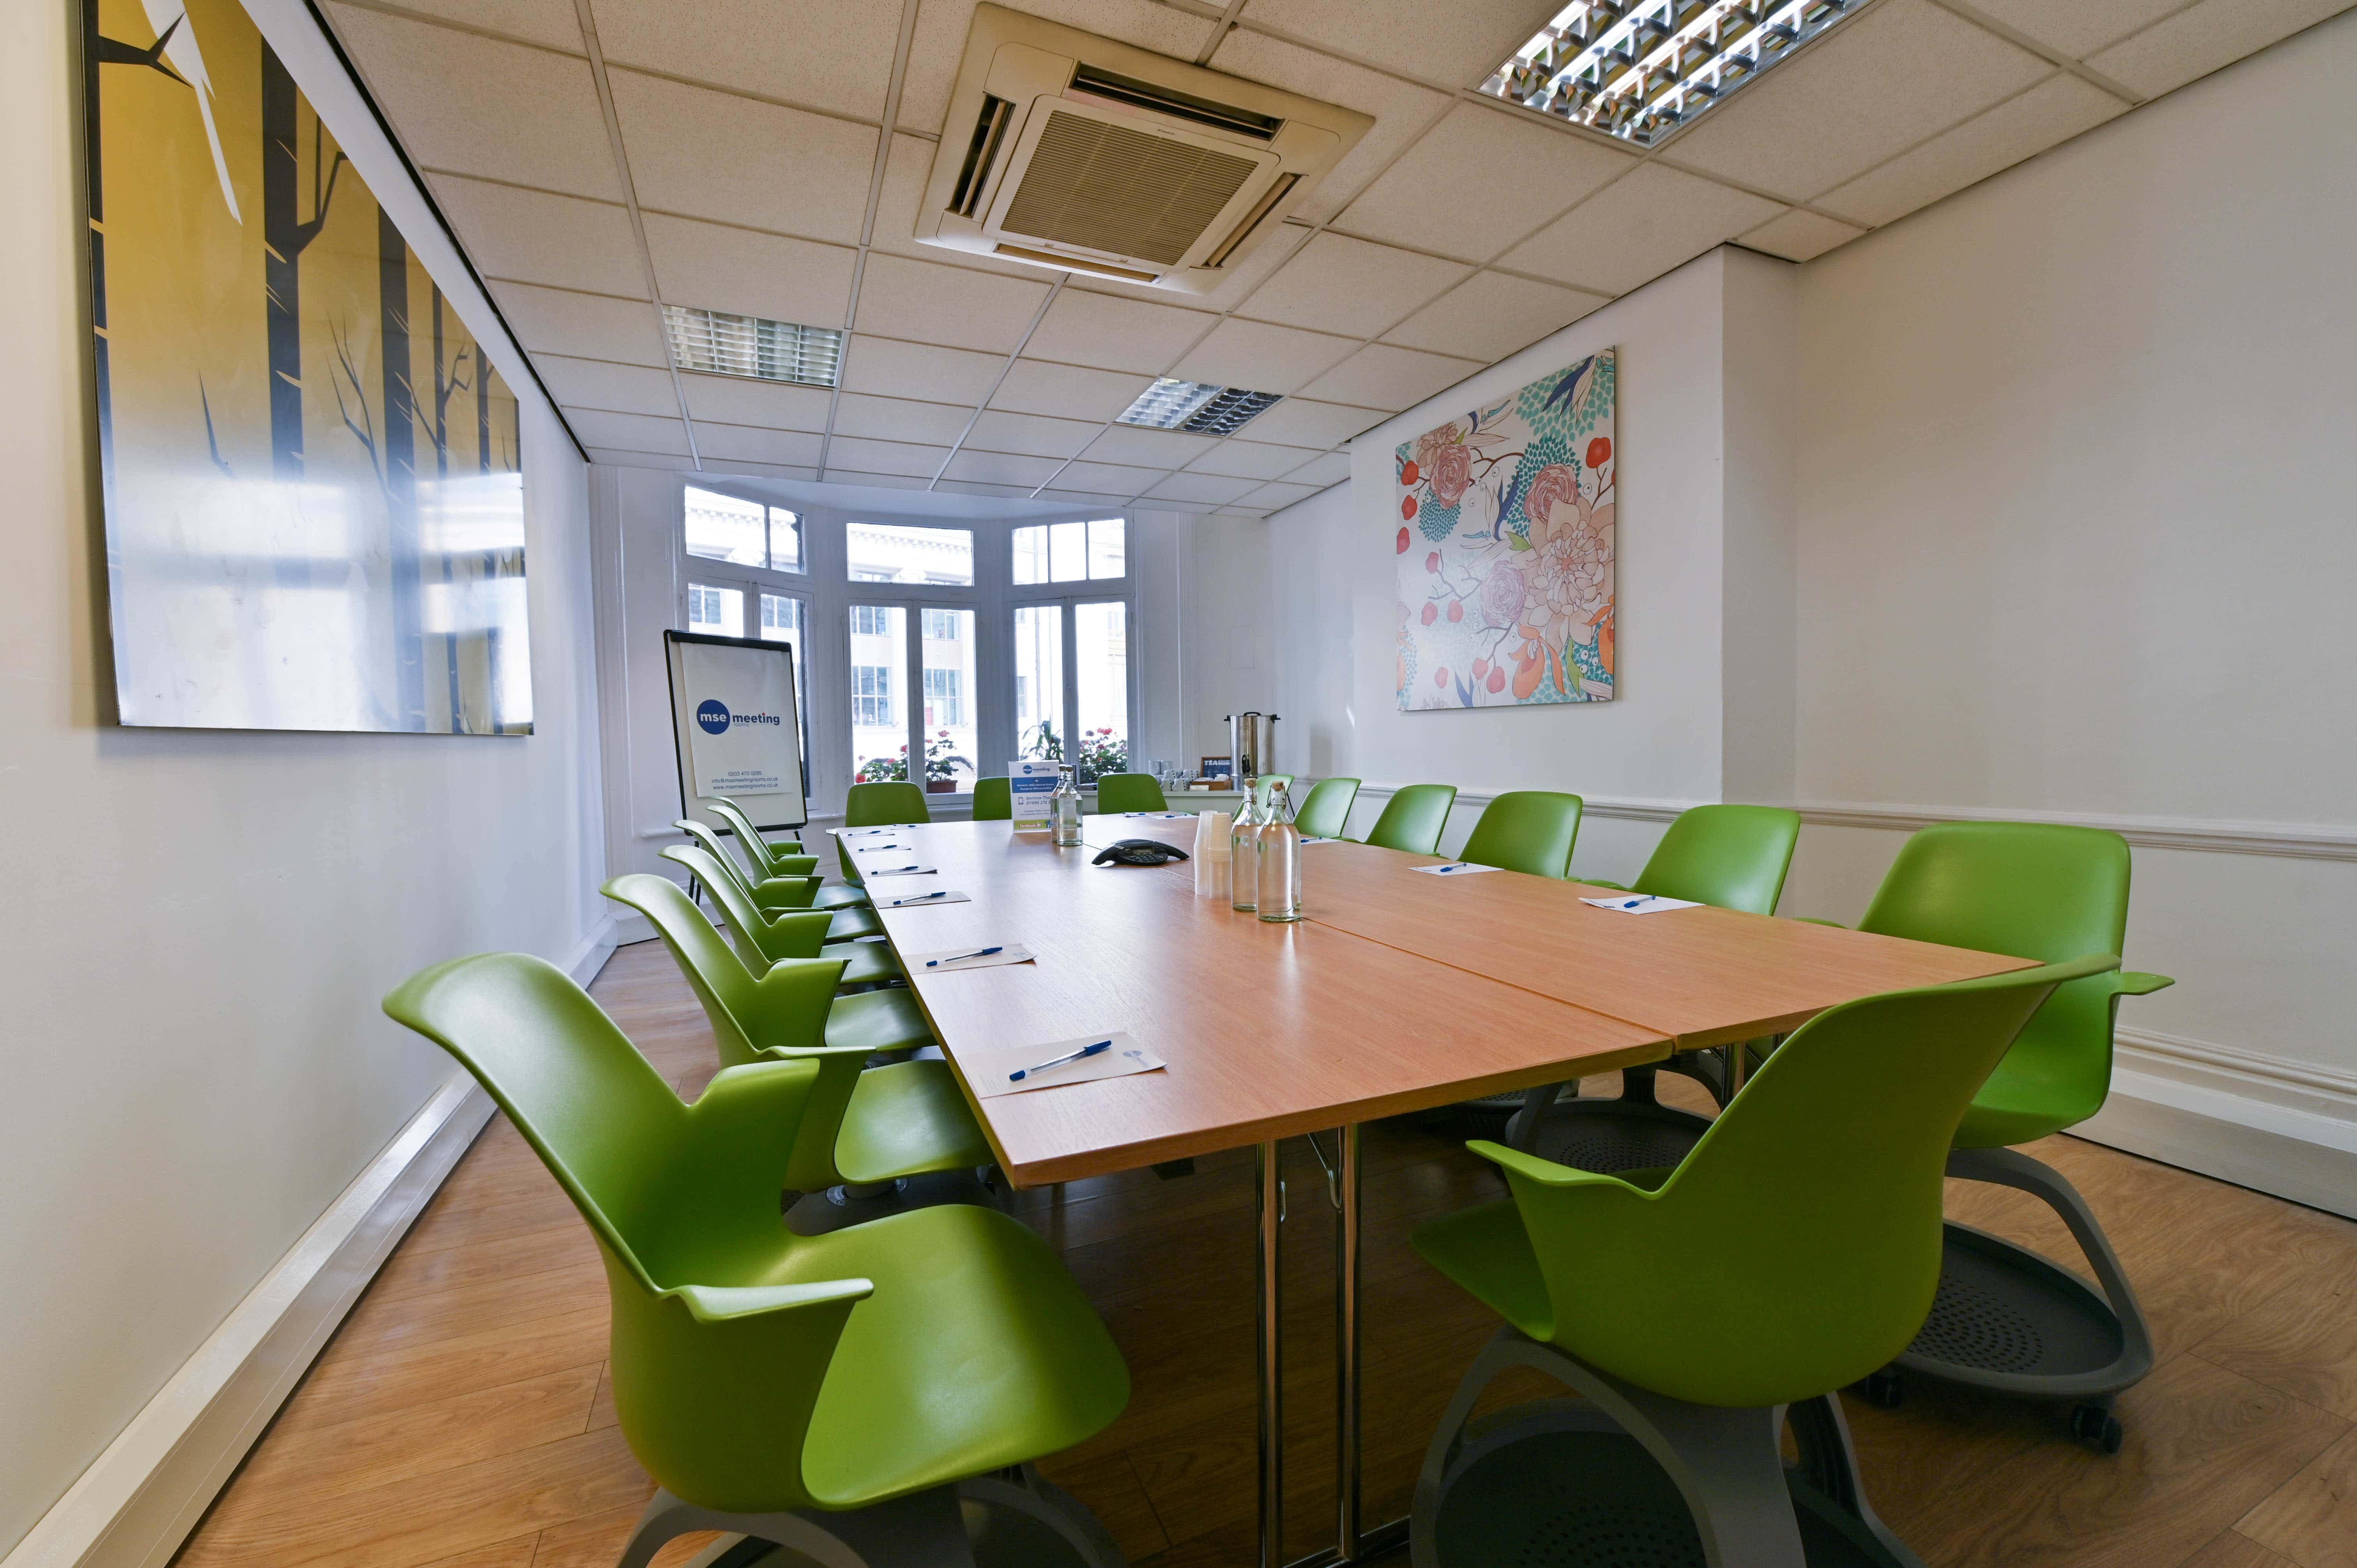 Brussels, MSE Meeting Rooms, Tottenham